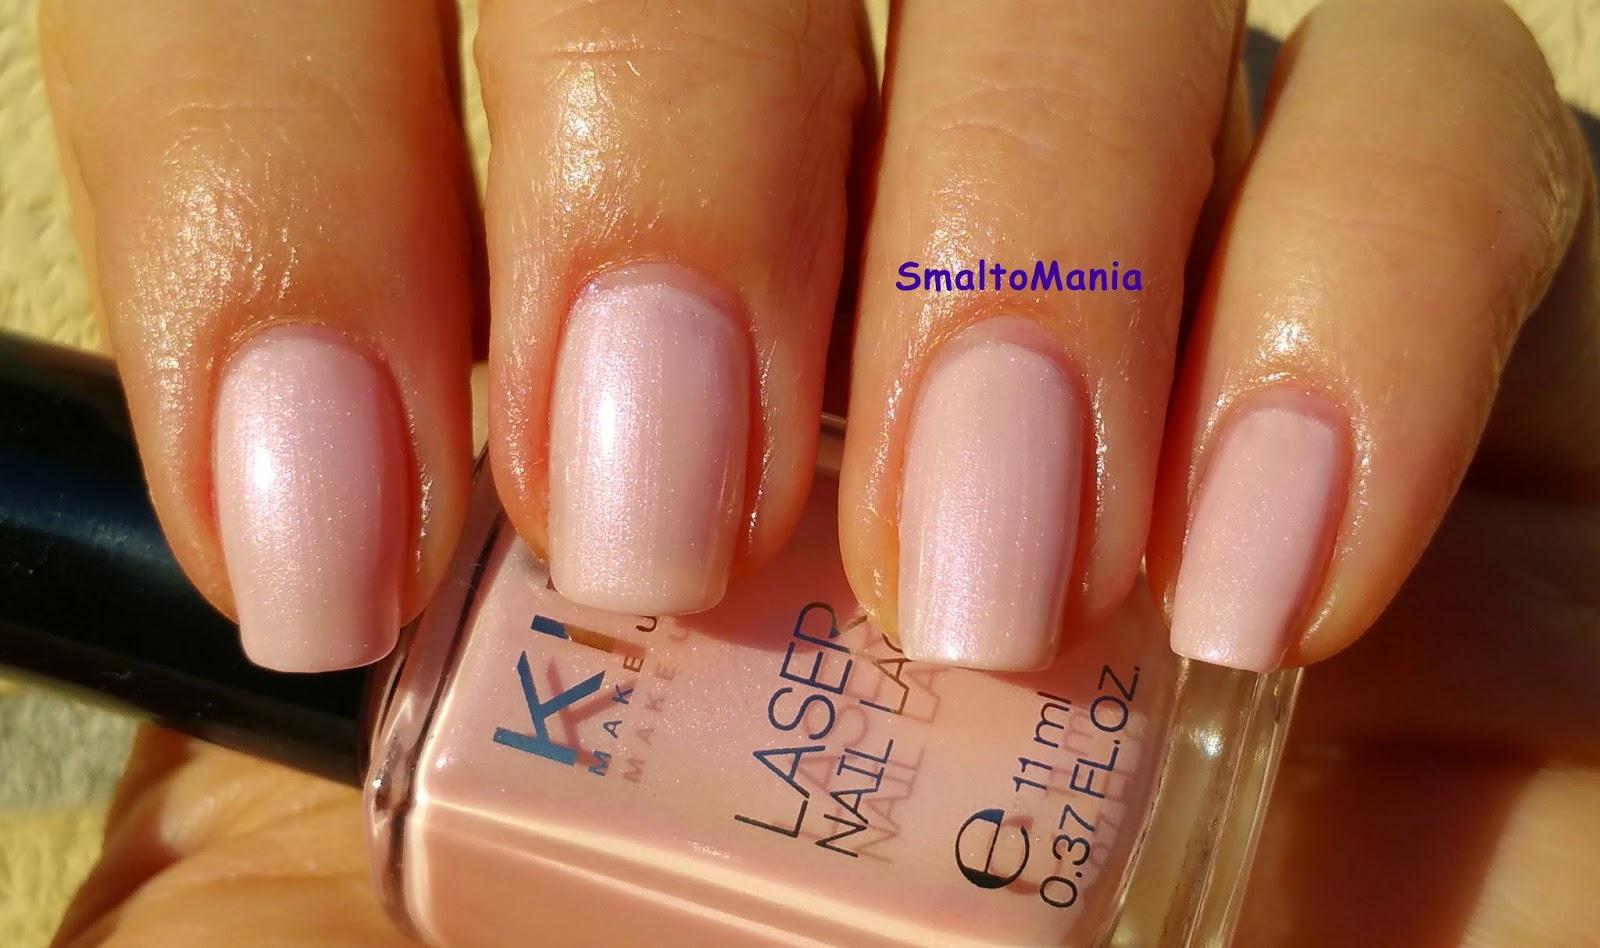 Kiko n.431 Sensual Candy